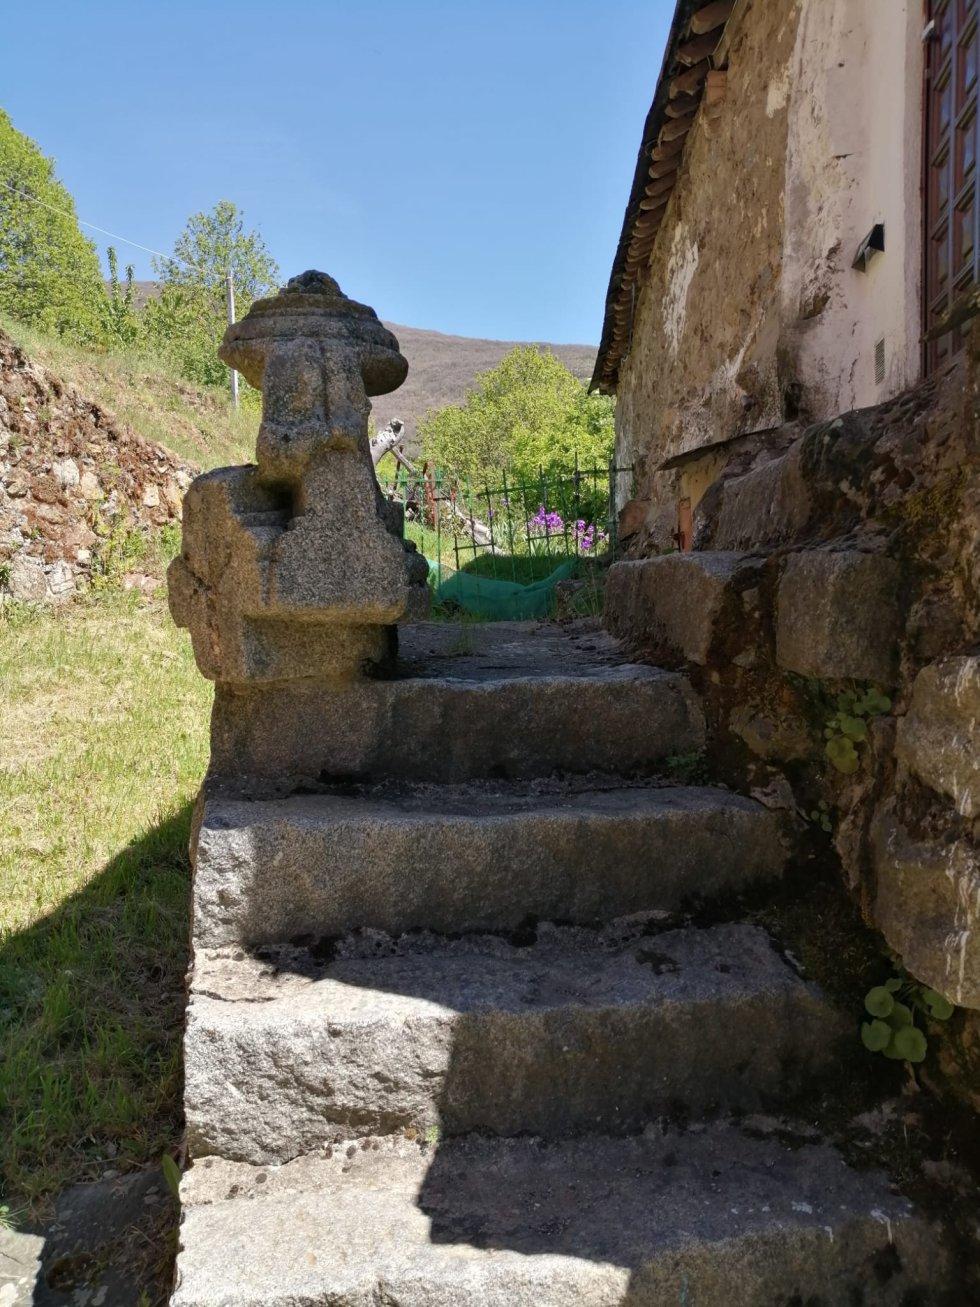 Restos colocados sobre unas escaleras